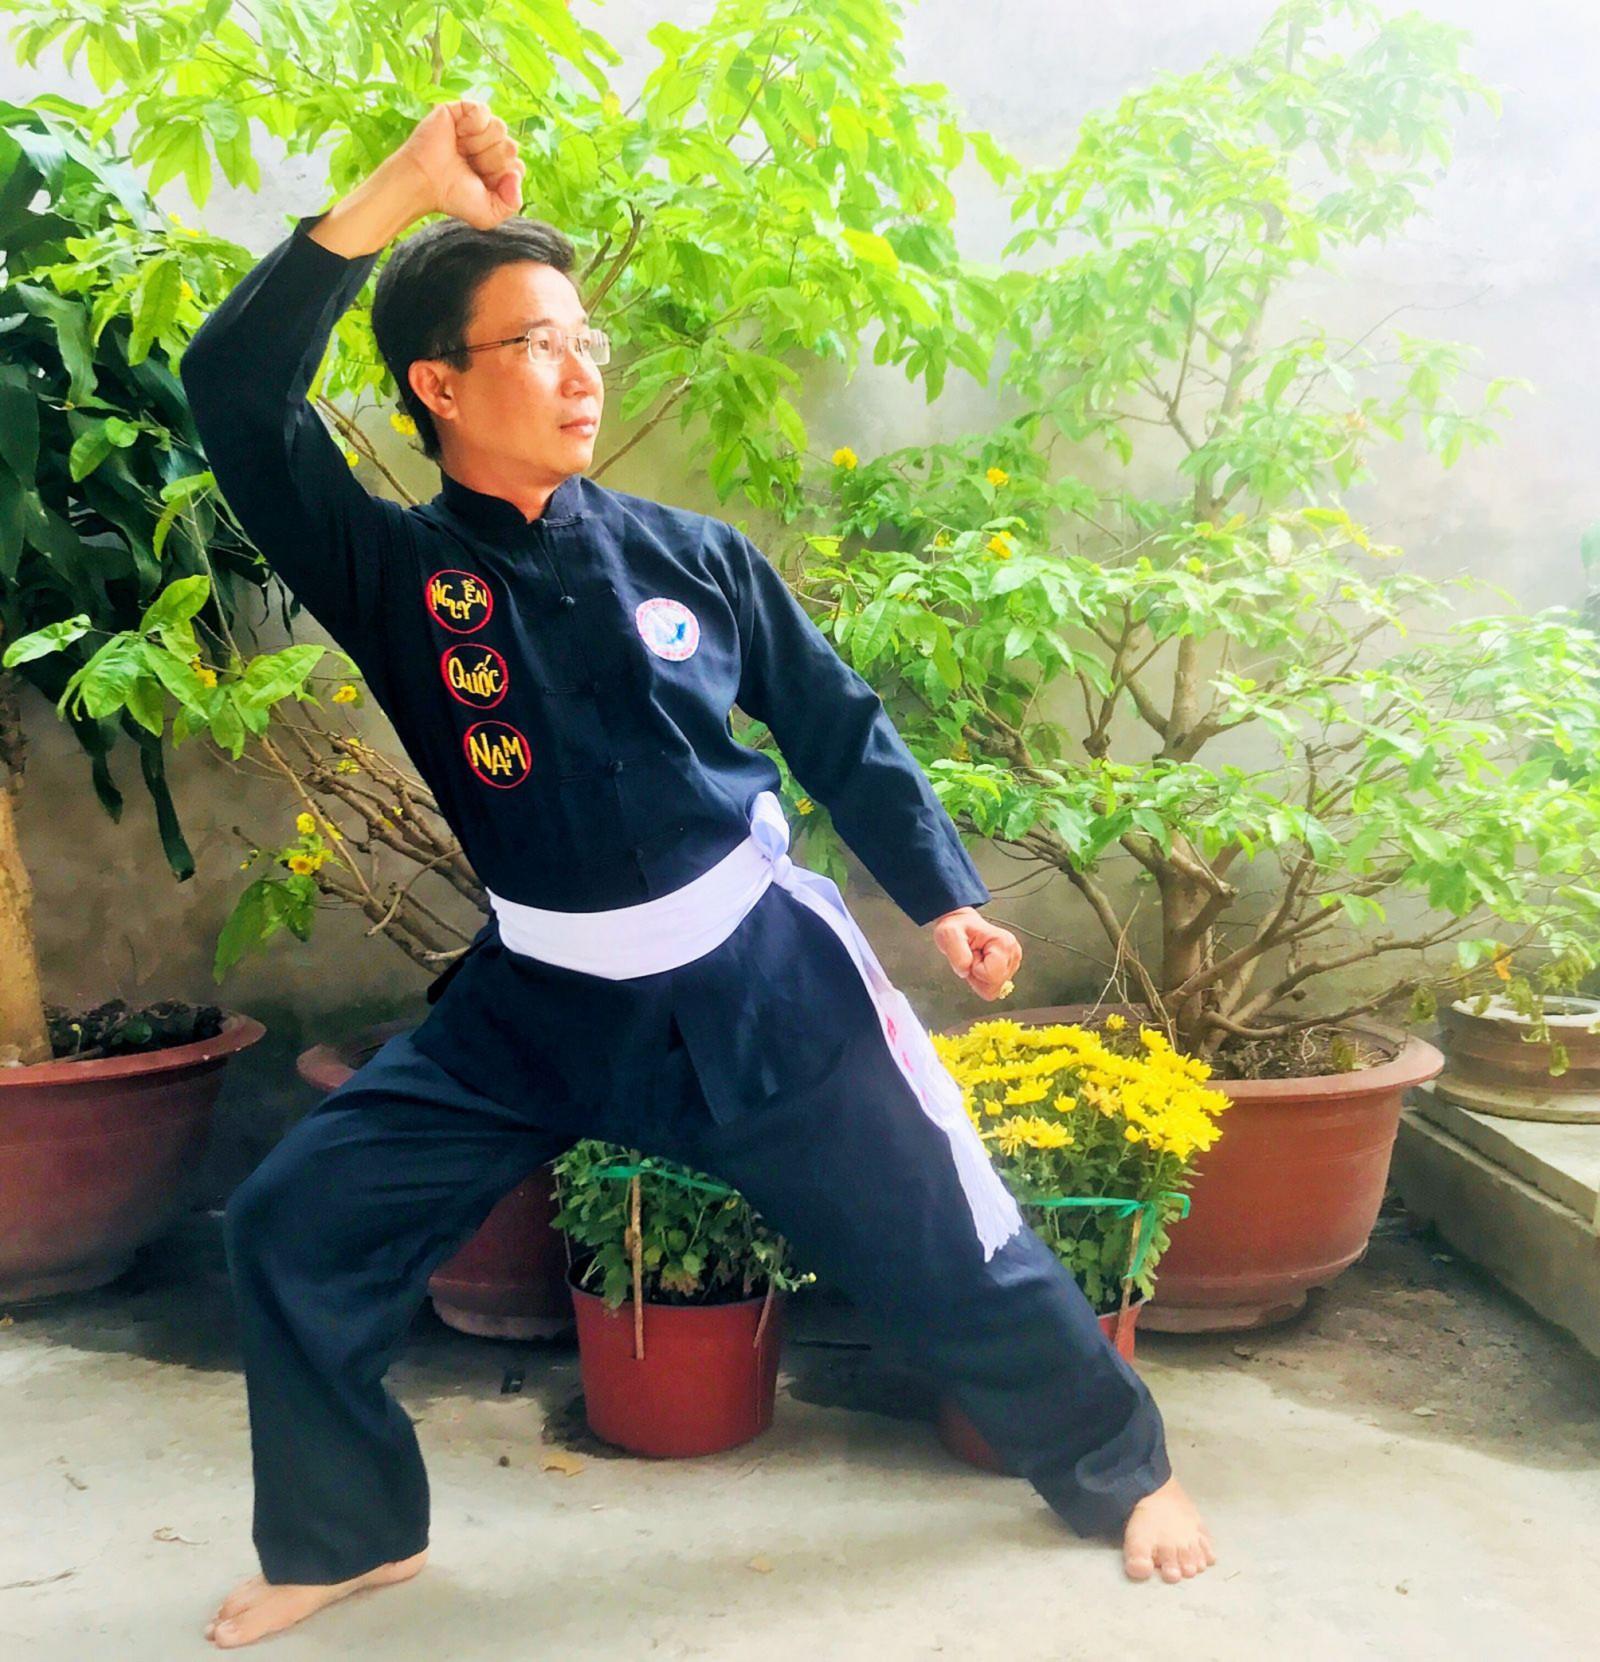 Võ sư Nguyễn Quốc Nam. Ảnh: ĐĂNG HUỲNH